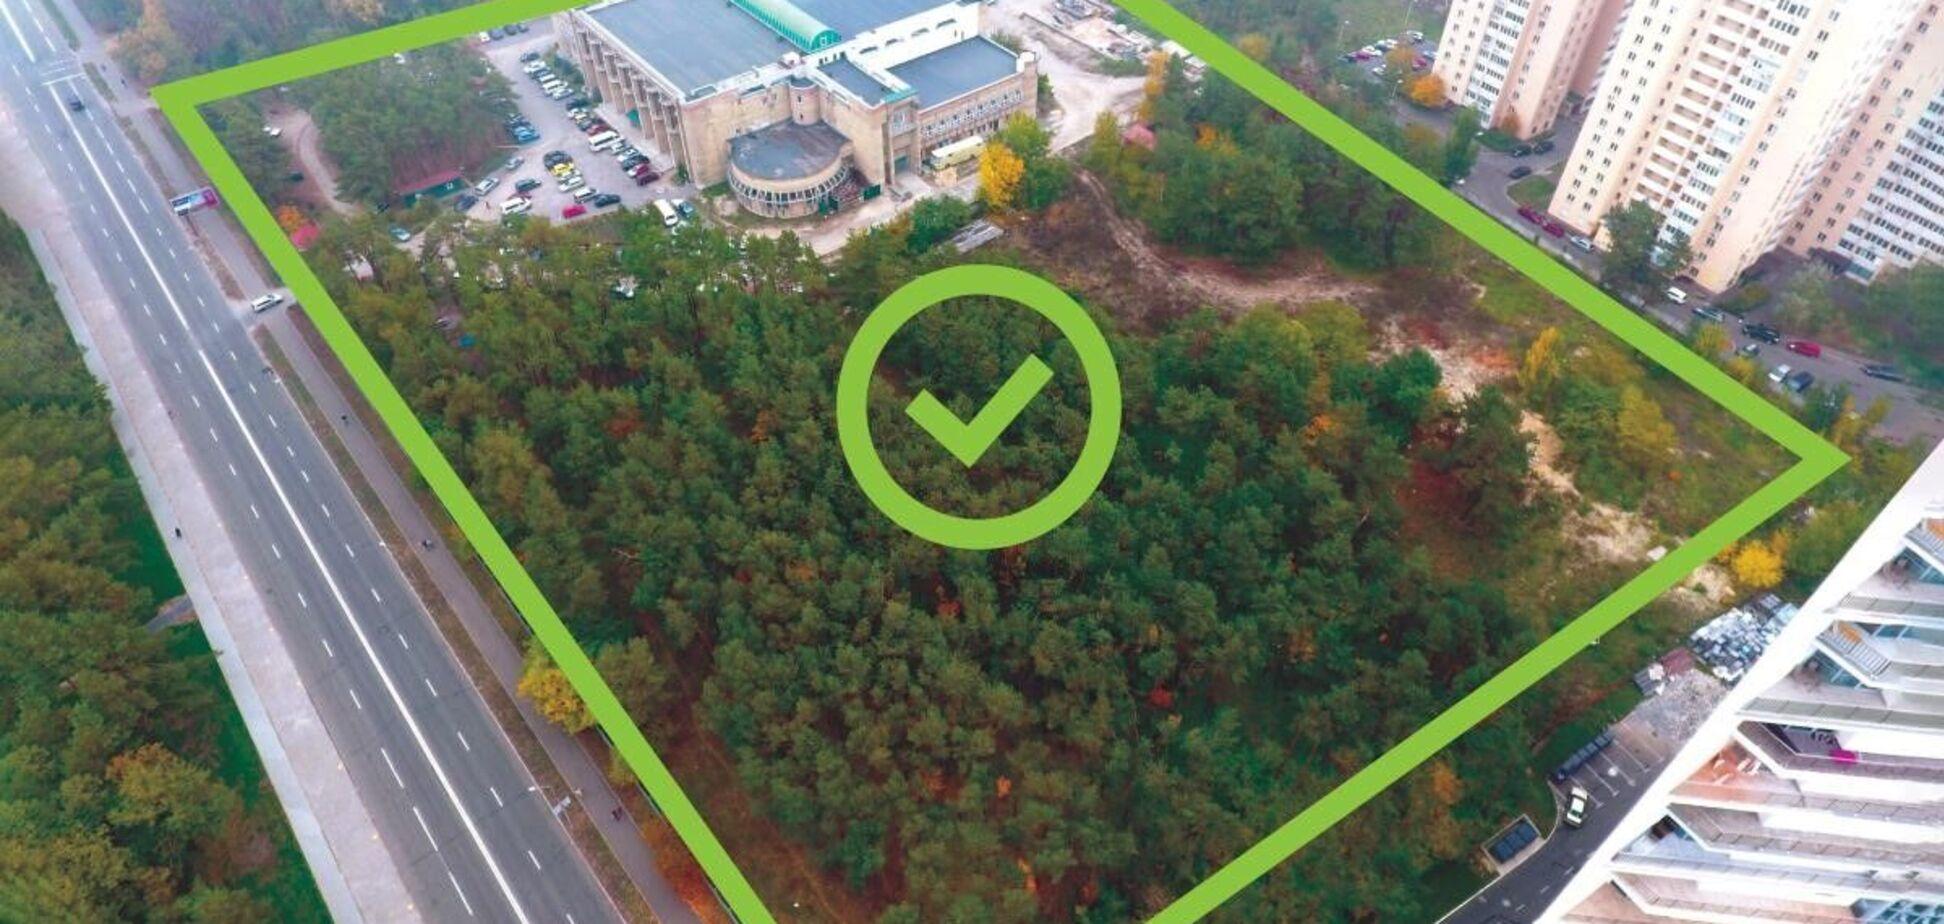 Кличко підписав рішення сесії від 24 вересня 2020 року про розірвання договору оренди земельної ділянки на вулиці Генерала Жмаченка